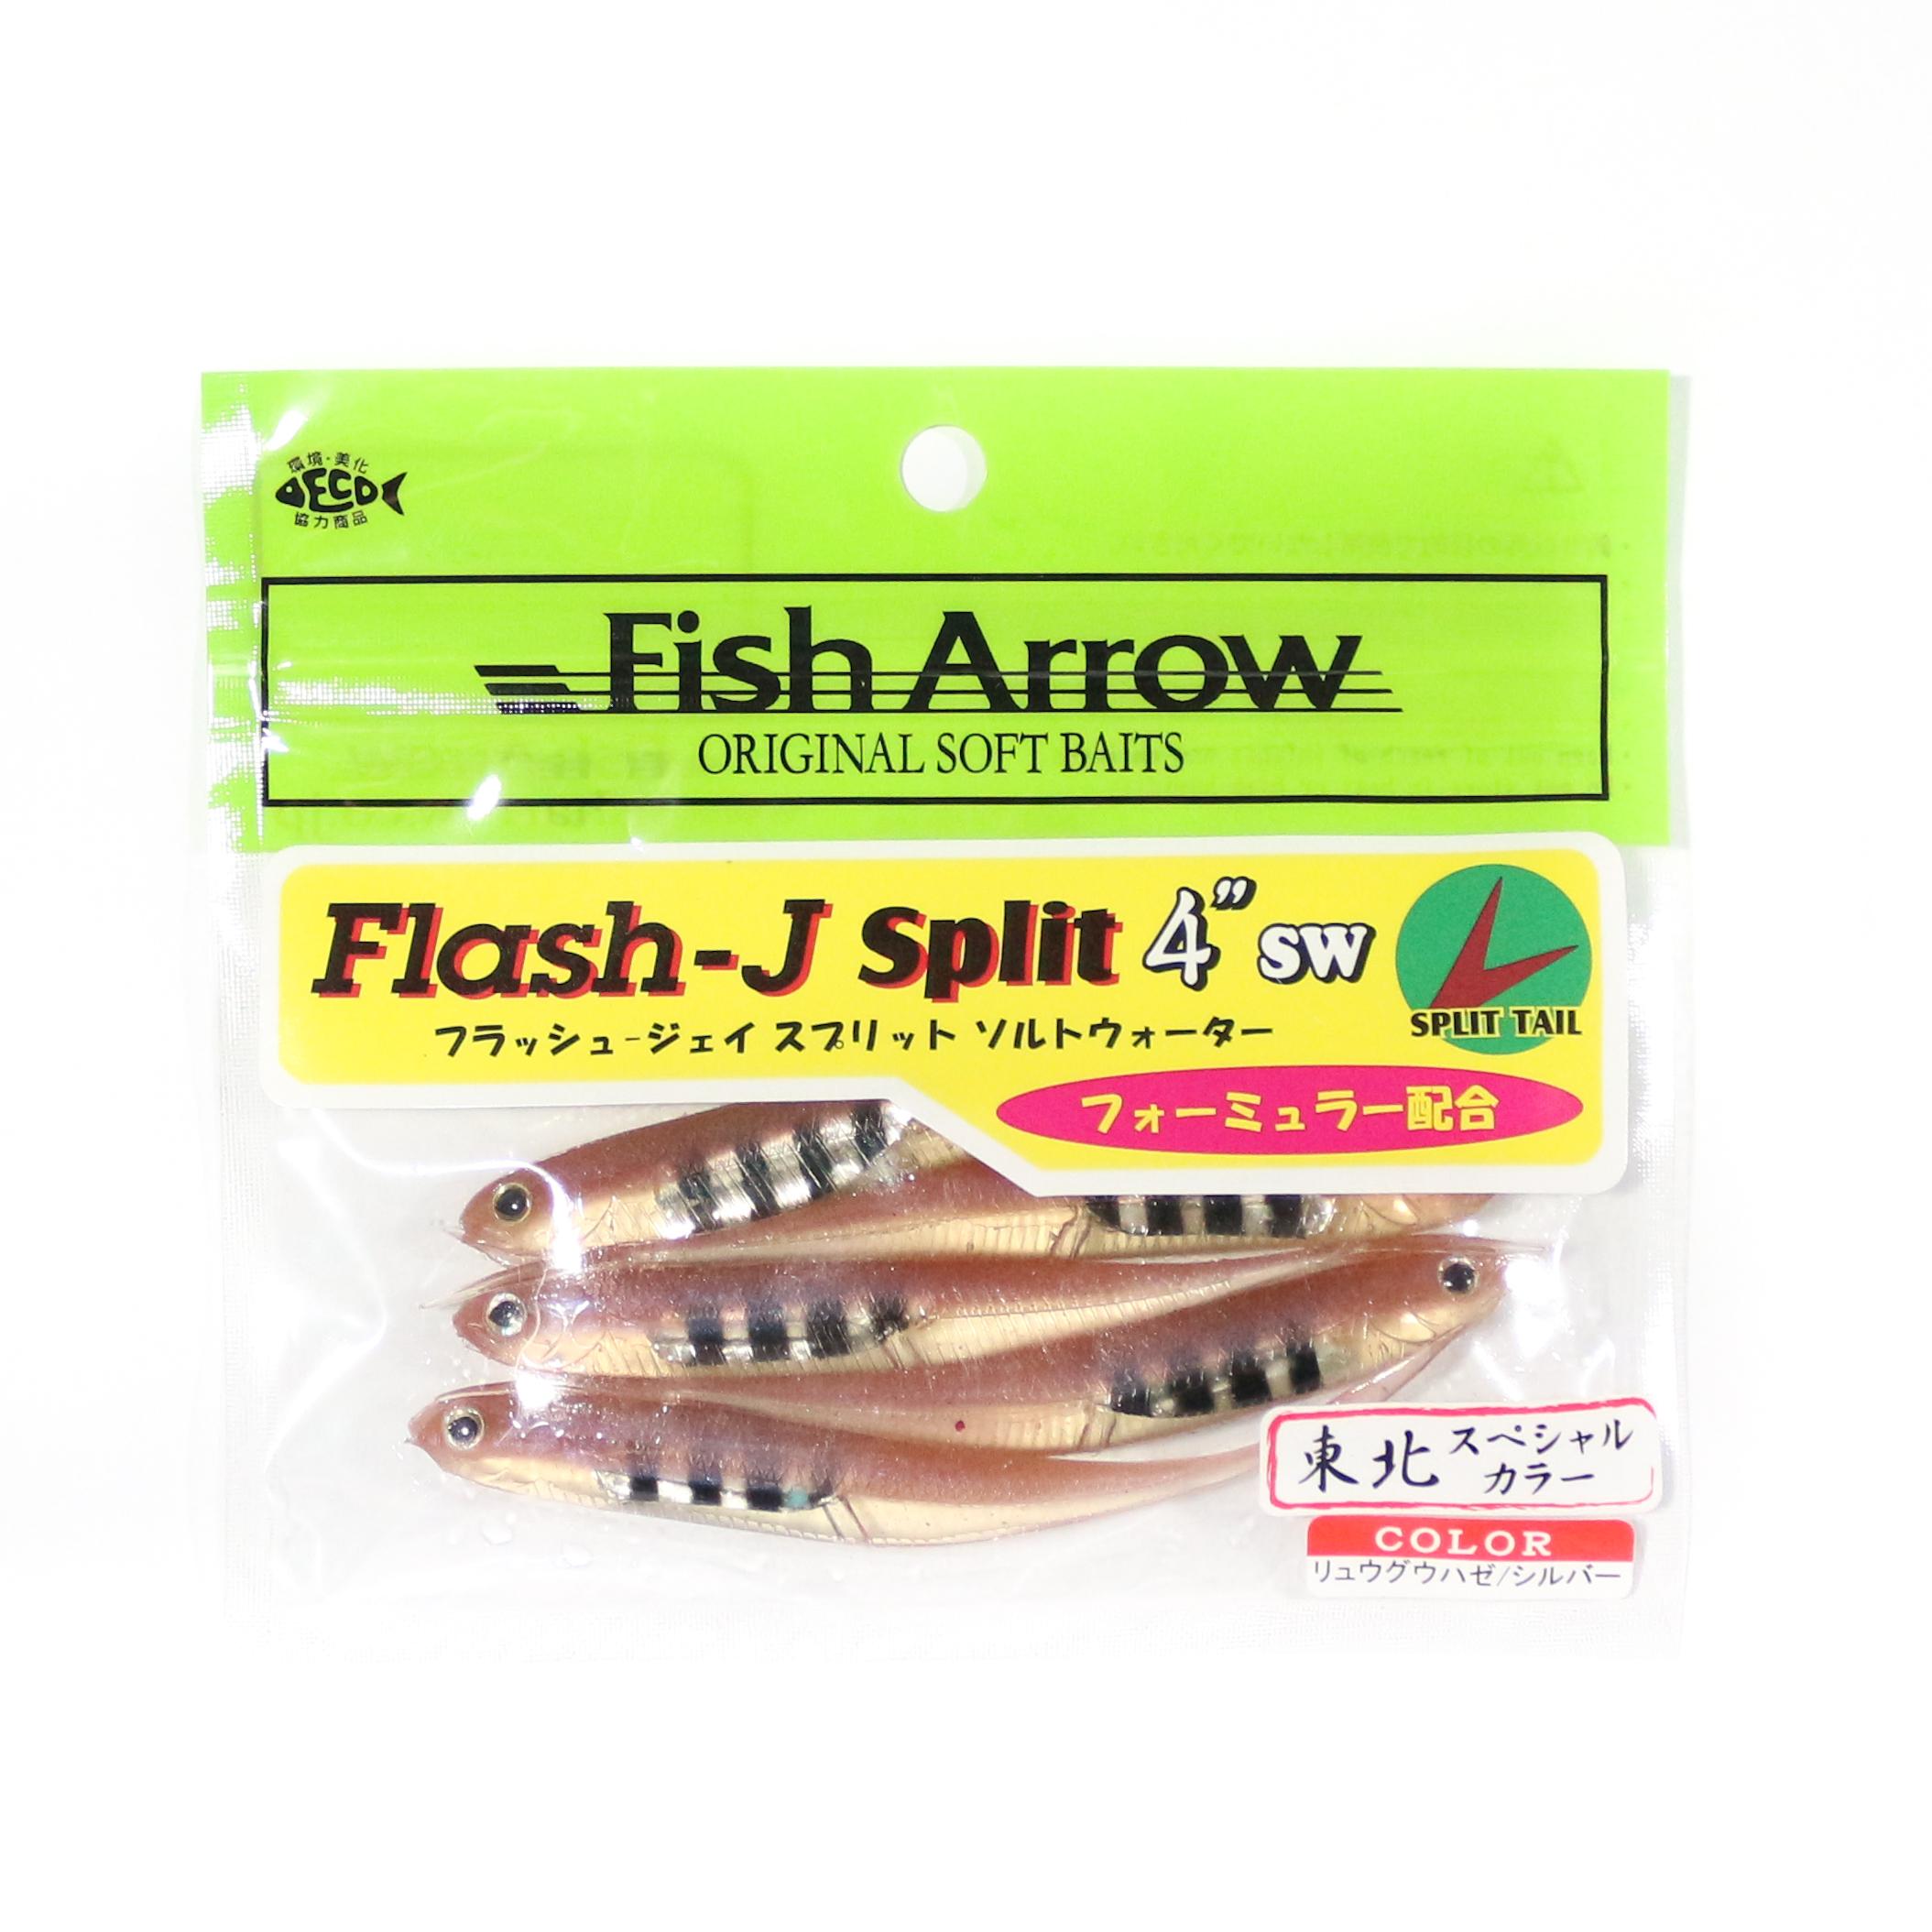 Fish Arrow Soft Lure Flash J Split 5 Inch 4 Piece per pack #F29-3371